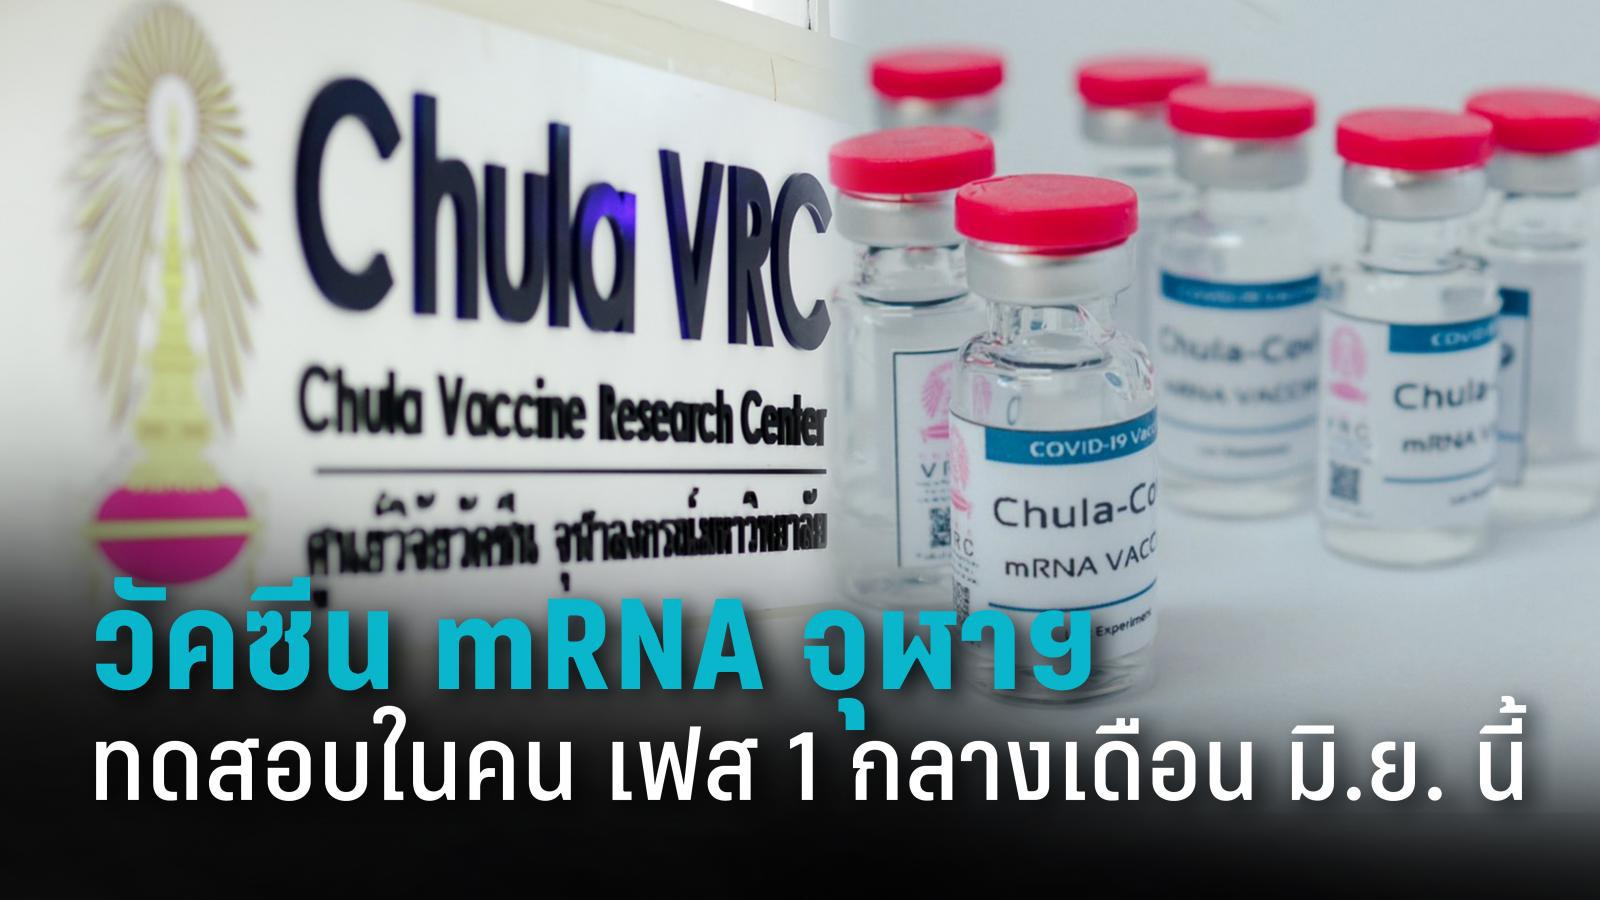 วัคซีน mRNA จุฬาฯ เตรียมทดสอบทางคลินิกเฟส 1 กลางเดือน มิ.ย. นี้